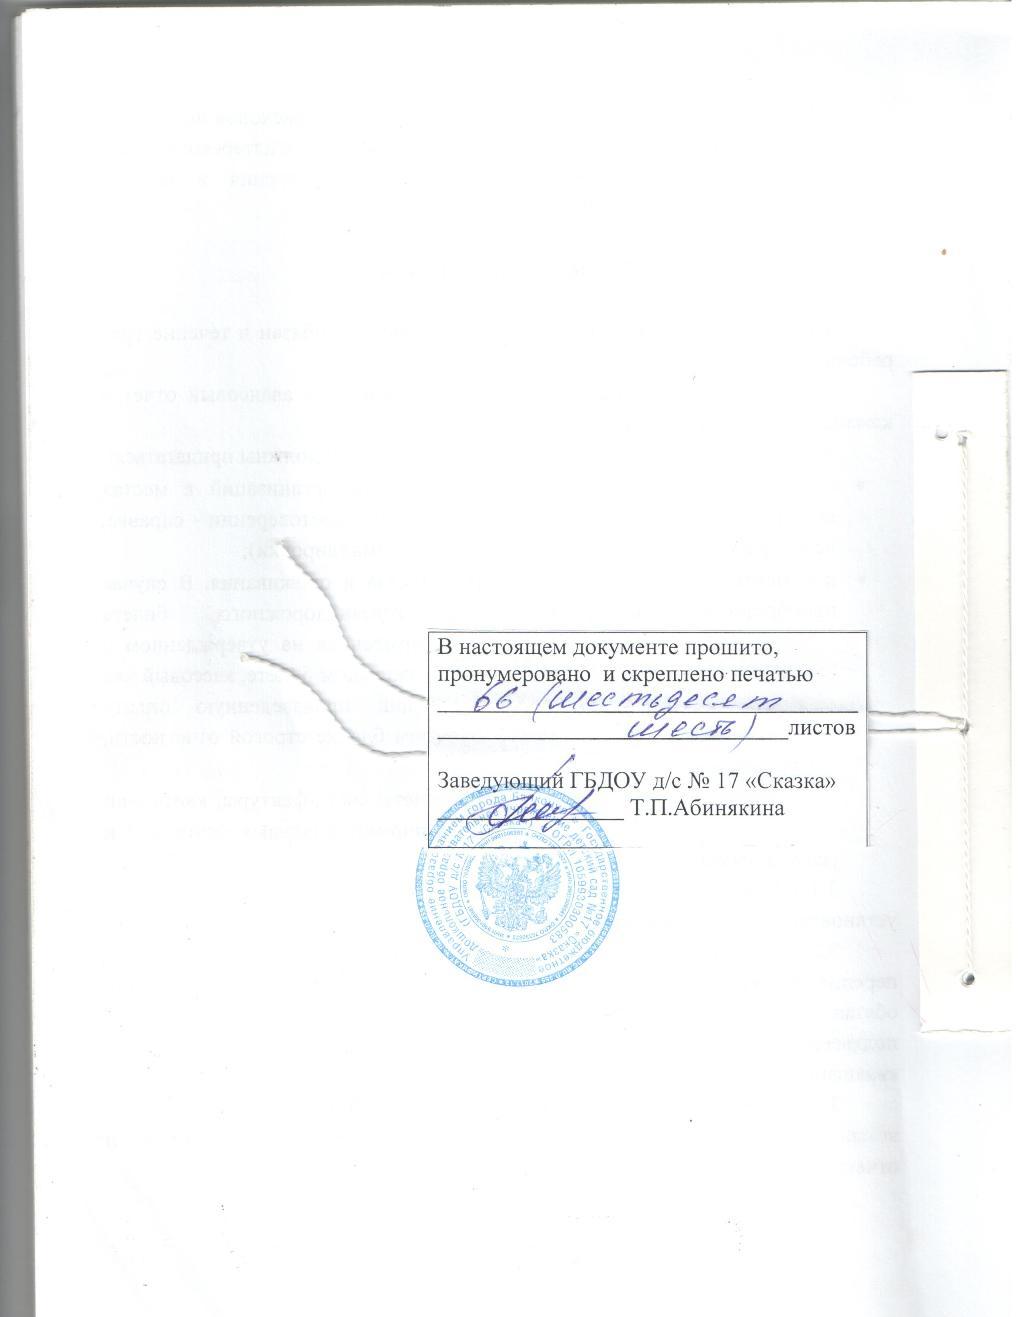 Как сшивать документы для налоговой по требованию: заверка бумаг 55